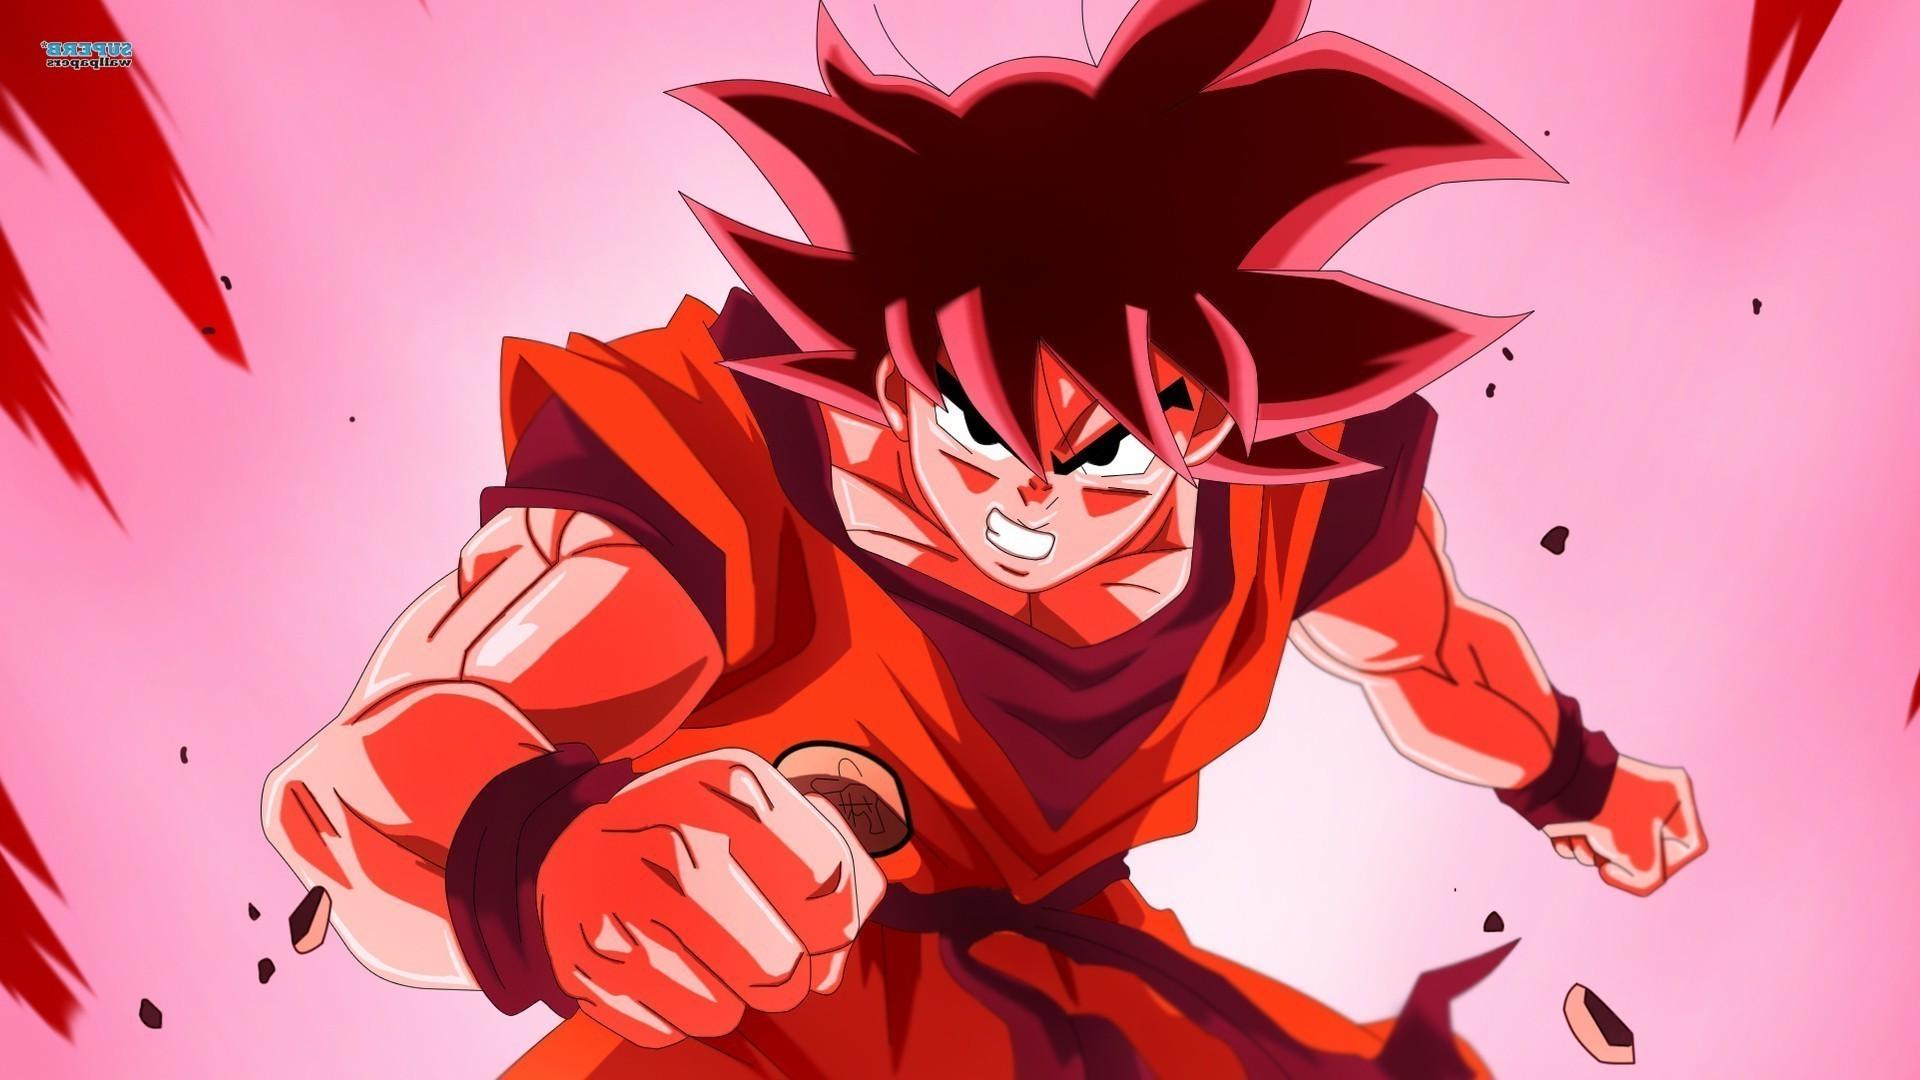 Goku Super Saiyan God Wallpapers 57 pictures 1920x1080